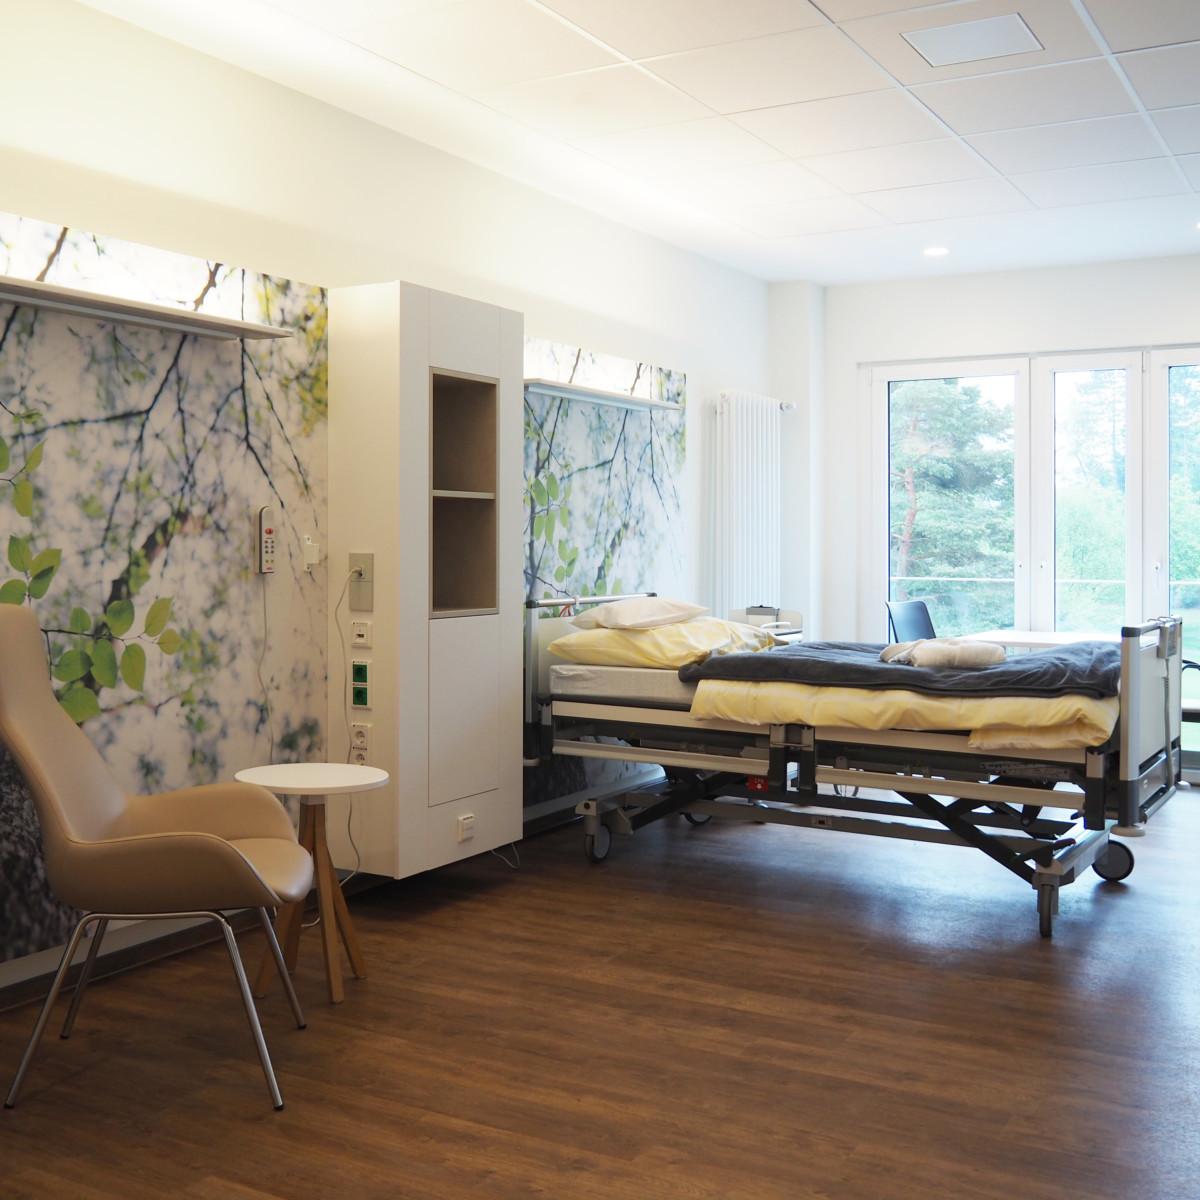 1-Bett-Zimmer im PKV-Standard